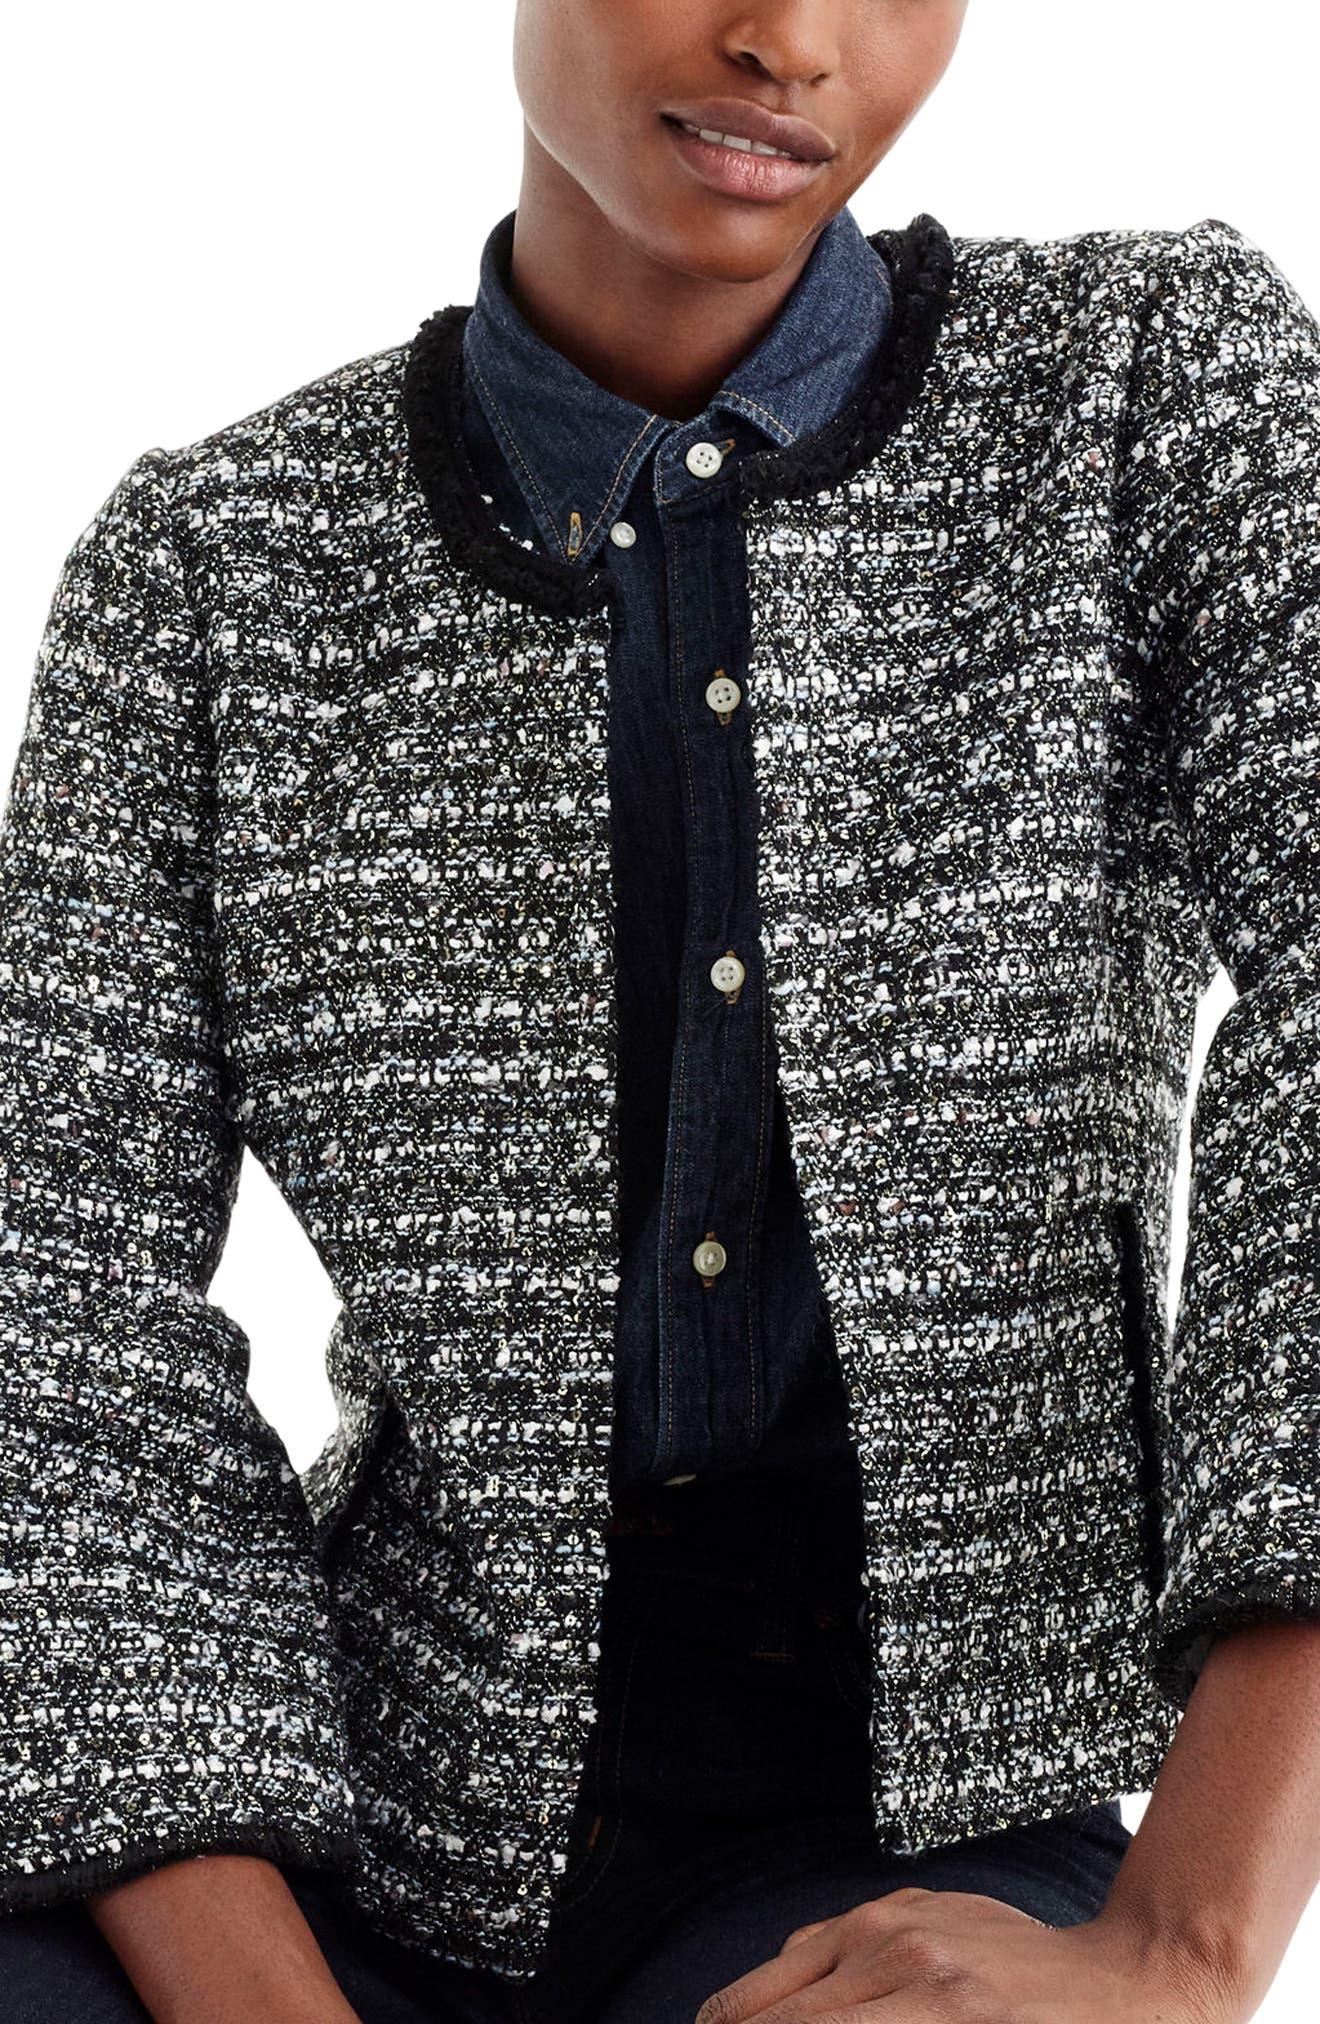 Image of J. Crew Belle Sequin Tweed Jacket